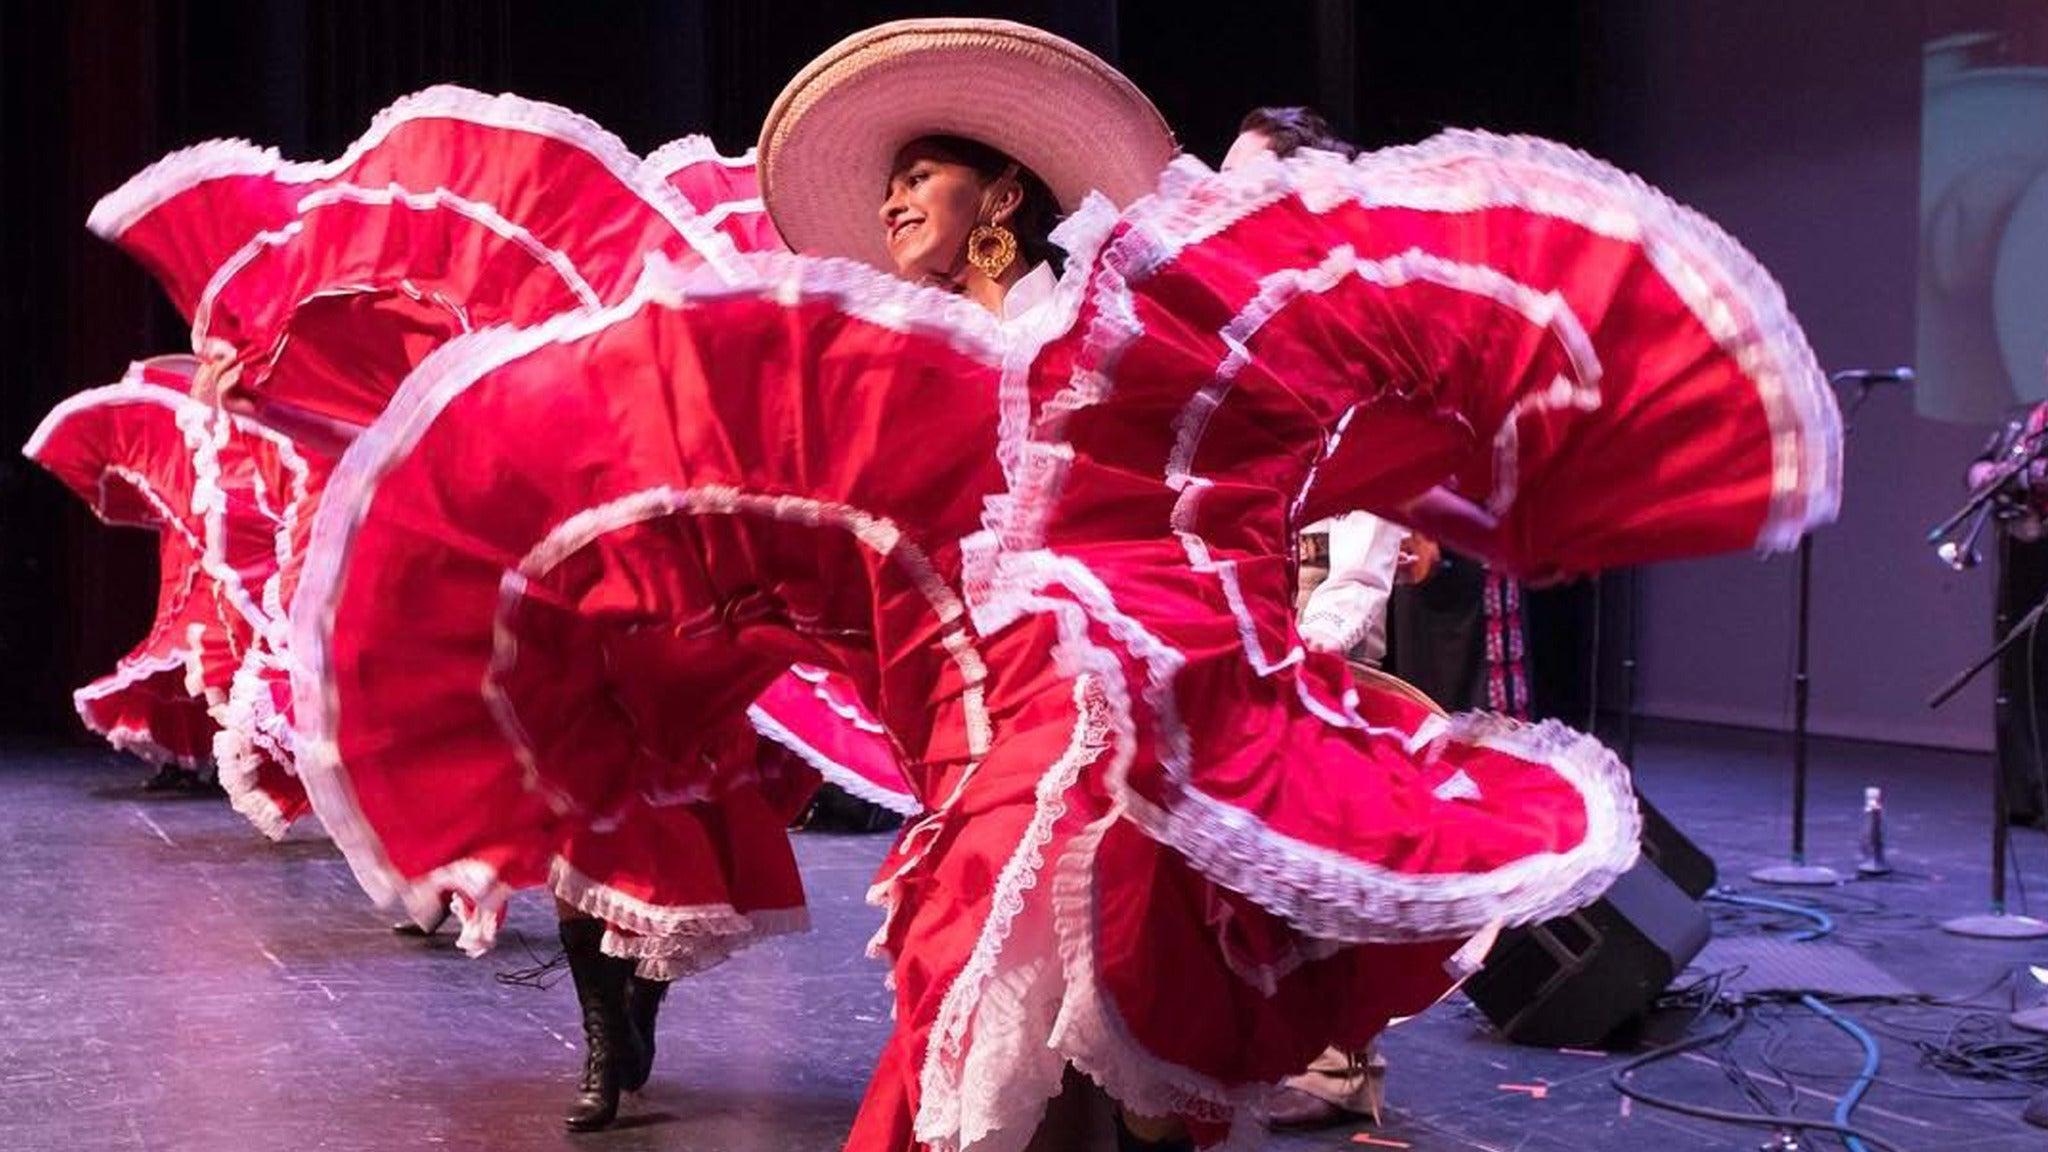 Nochebuena featuring Ballet Folklórico de Los Angeles - Northridge, CA 91330